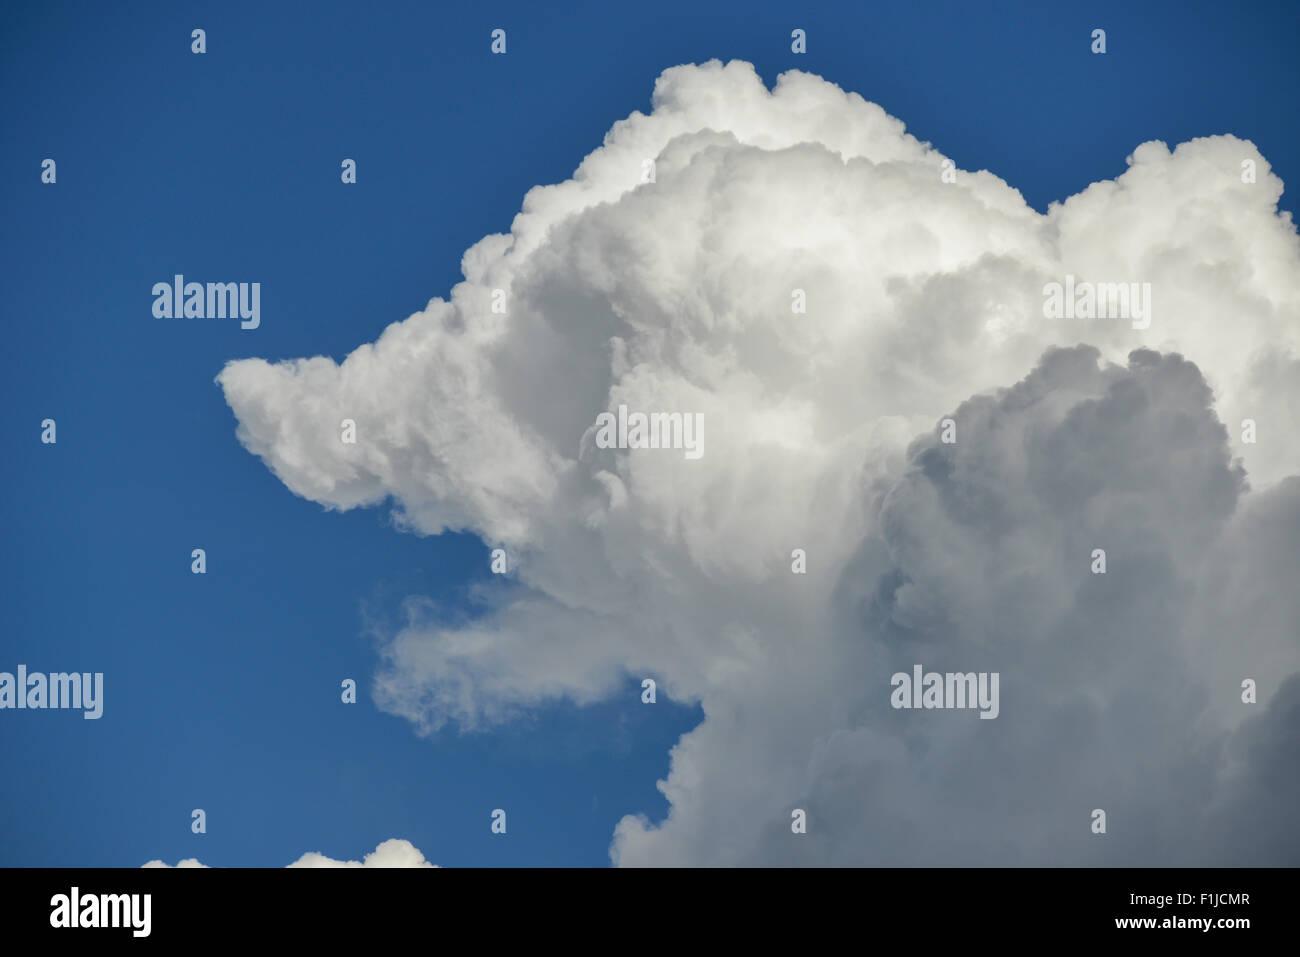 Nube en forma de perro contra el cielo azul, cerca del aeropuerto de Heathrow, Greater London, England, Reino Unido Imagen De Stock